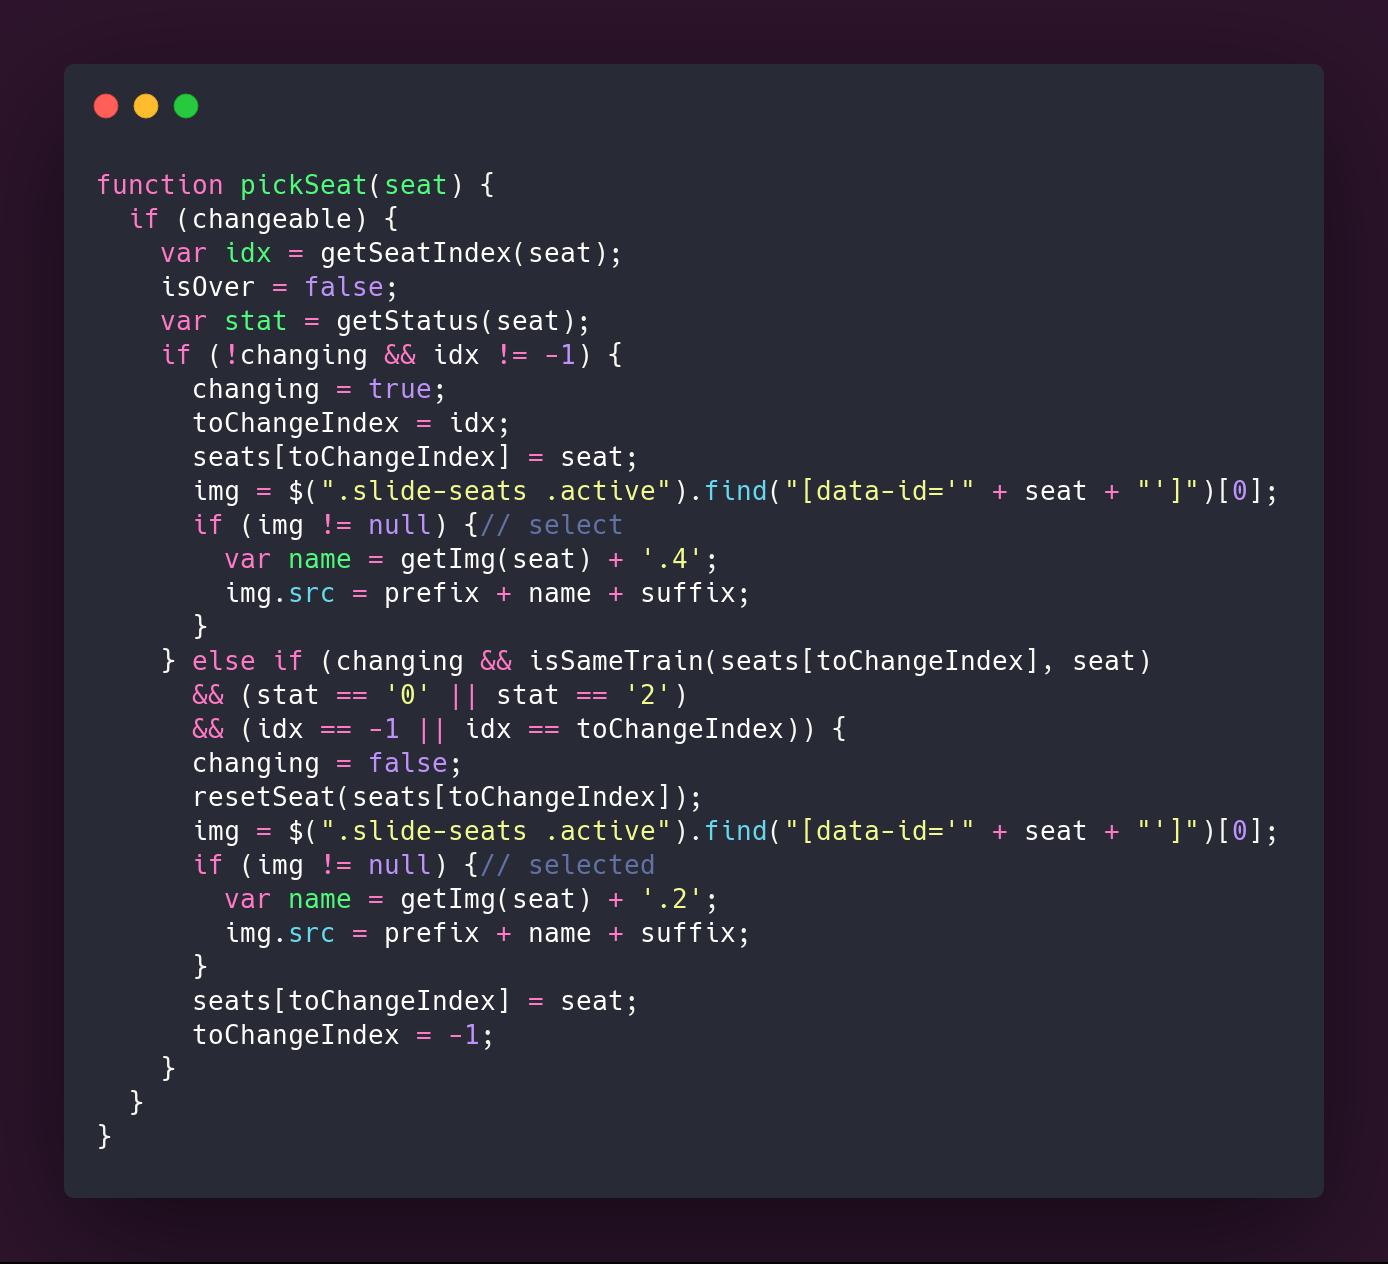 Código de la función pickSeat